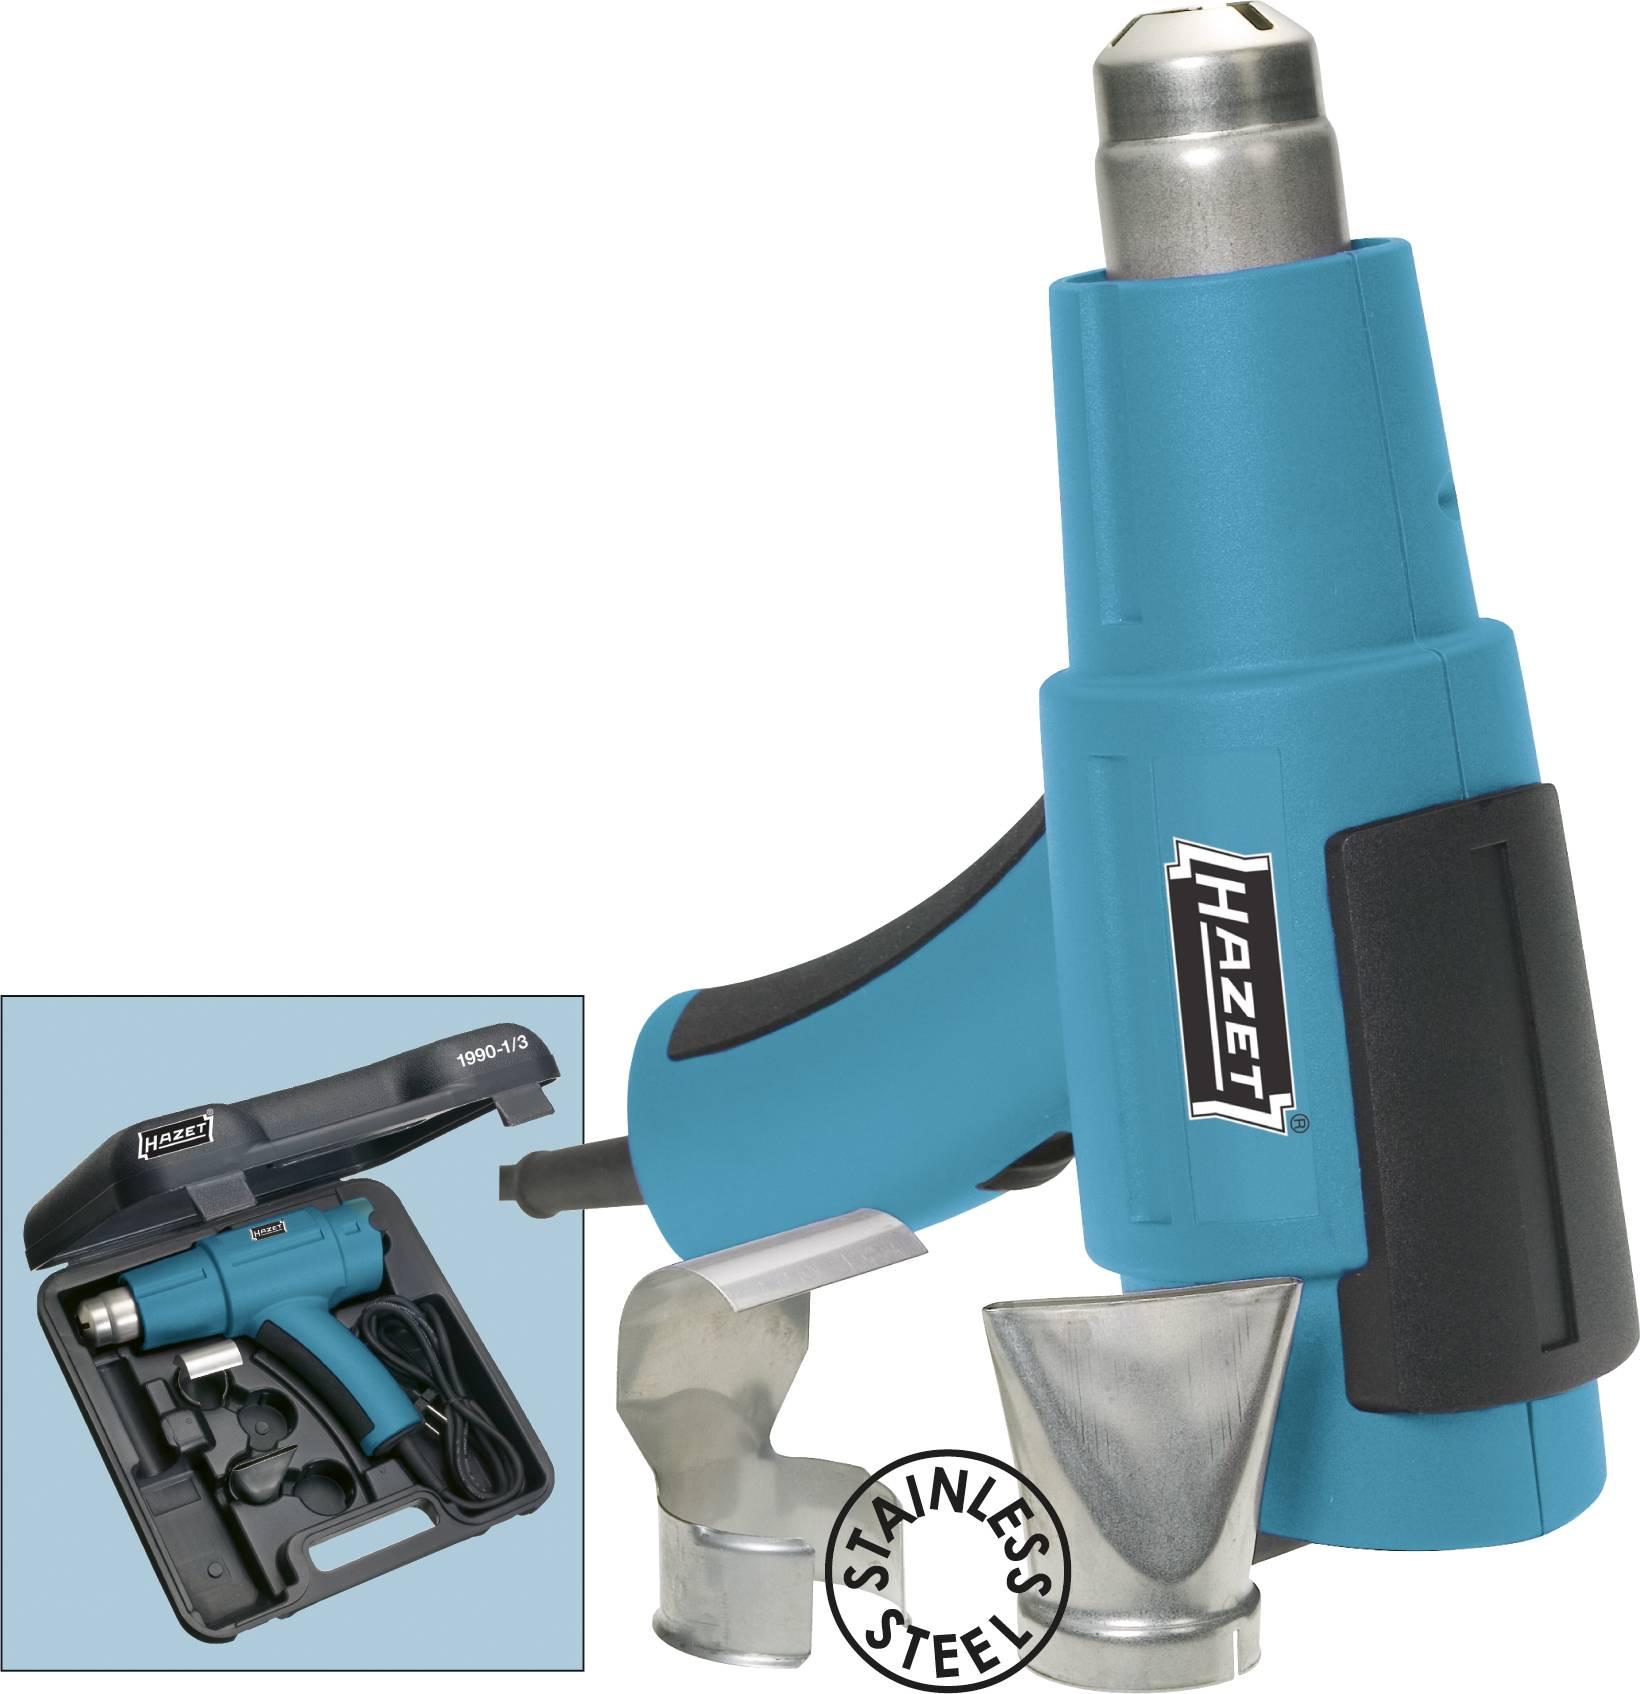 Teplovzdušná pištoľ Hazet 1990-1/3, 1600 W, 350 °C, 500 °C